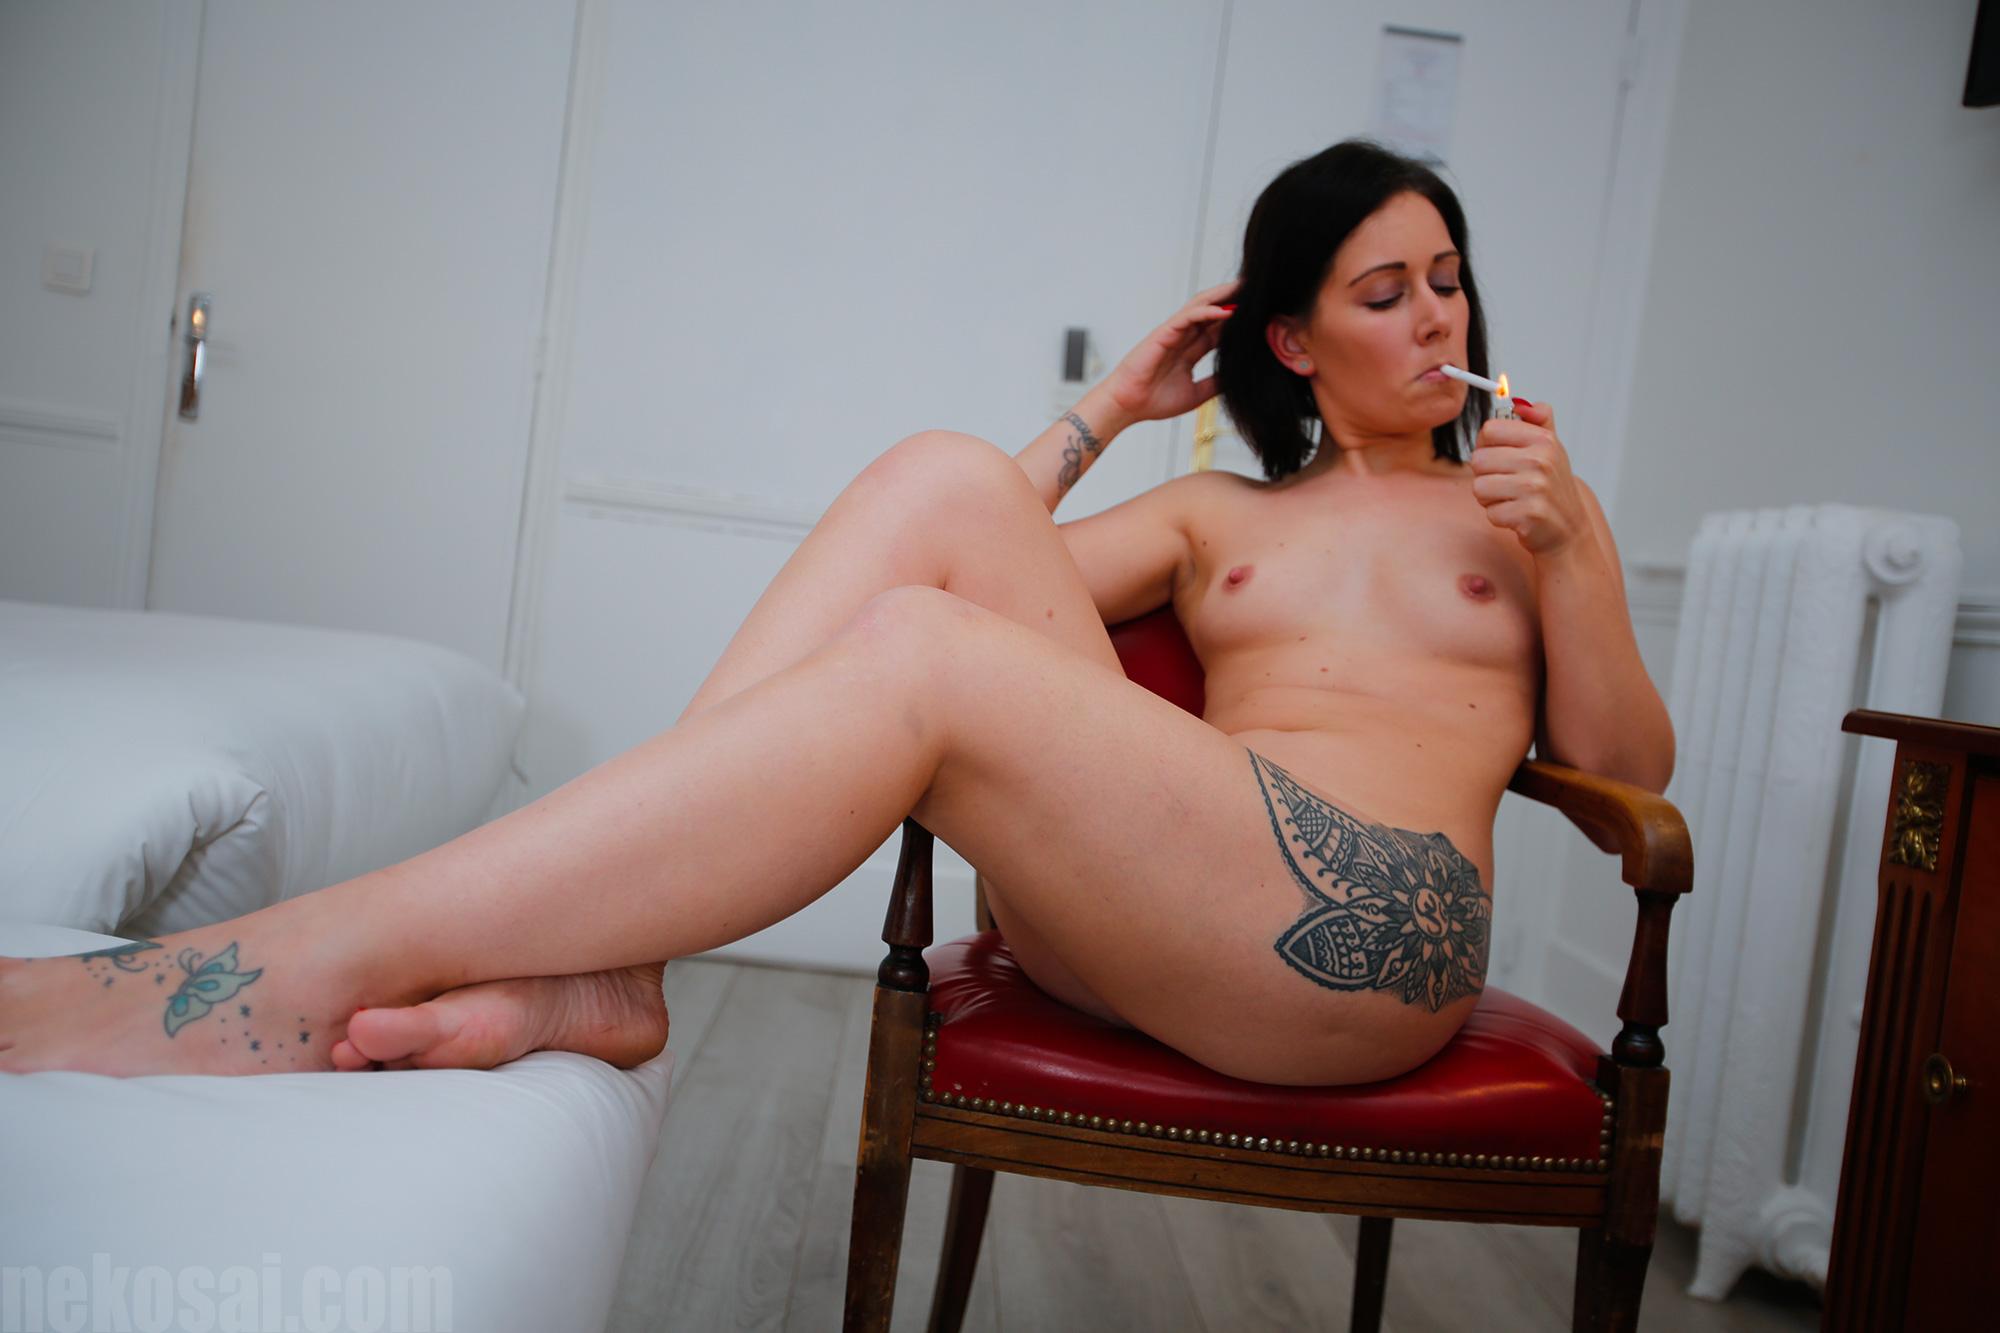 Une femme tatouée nue fume une cigarette